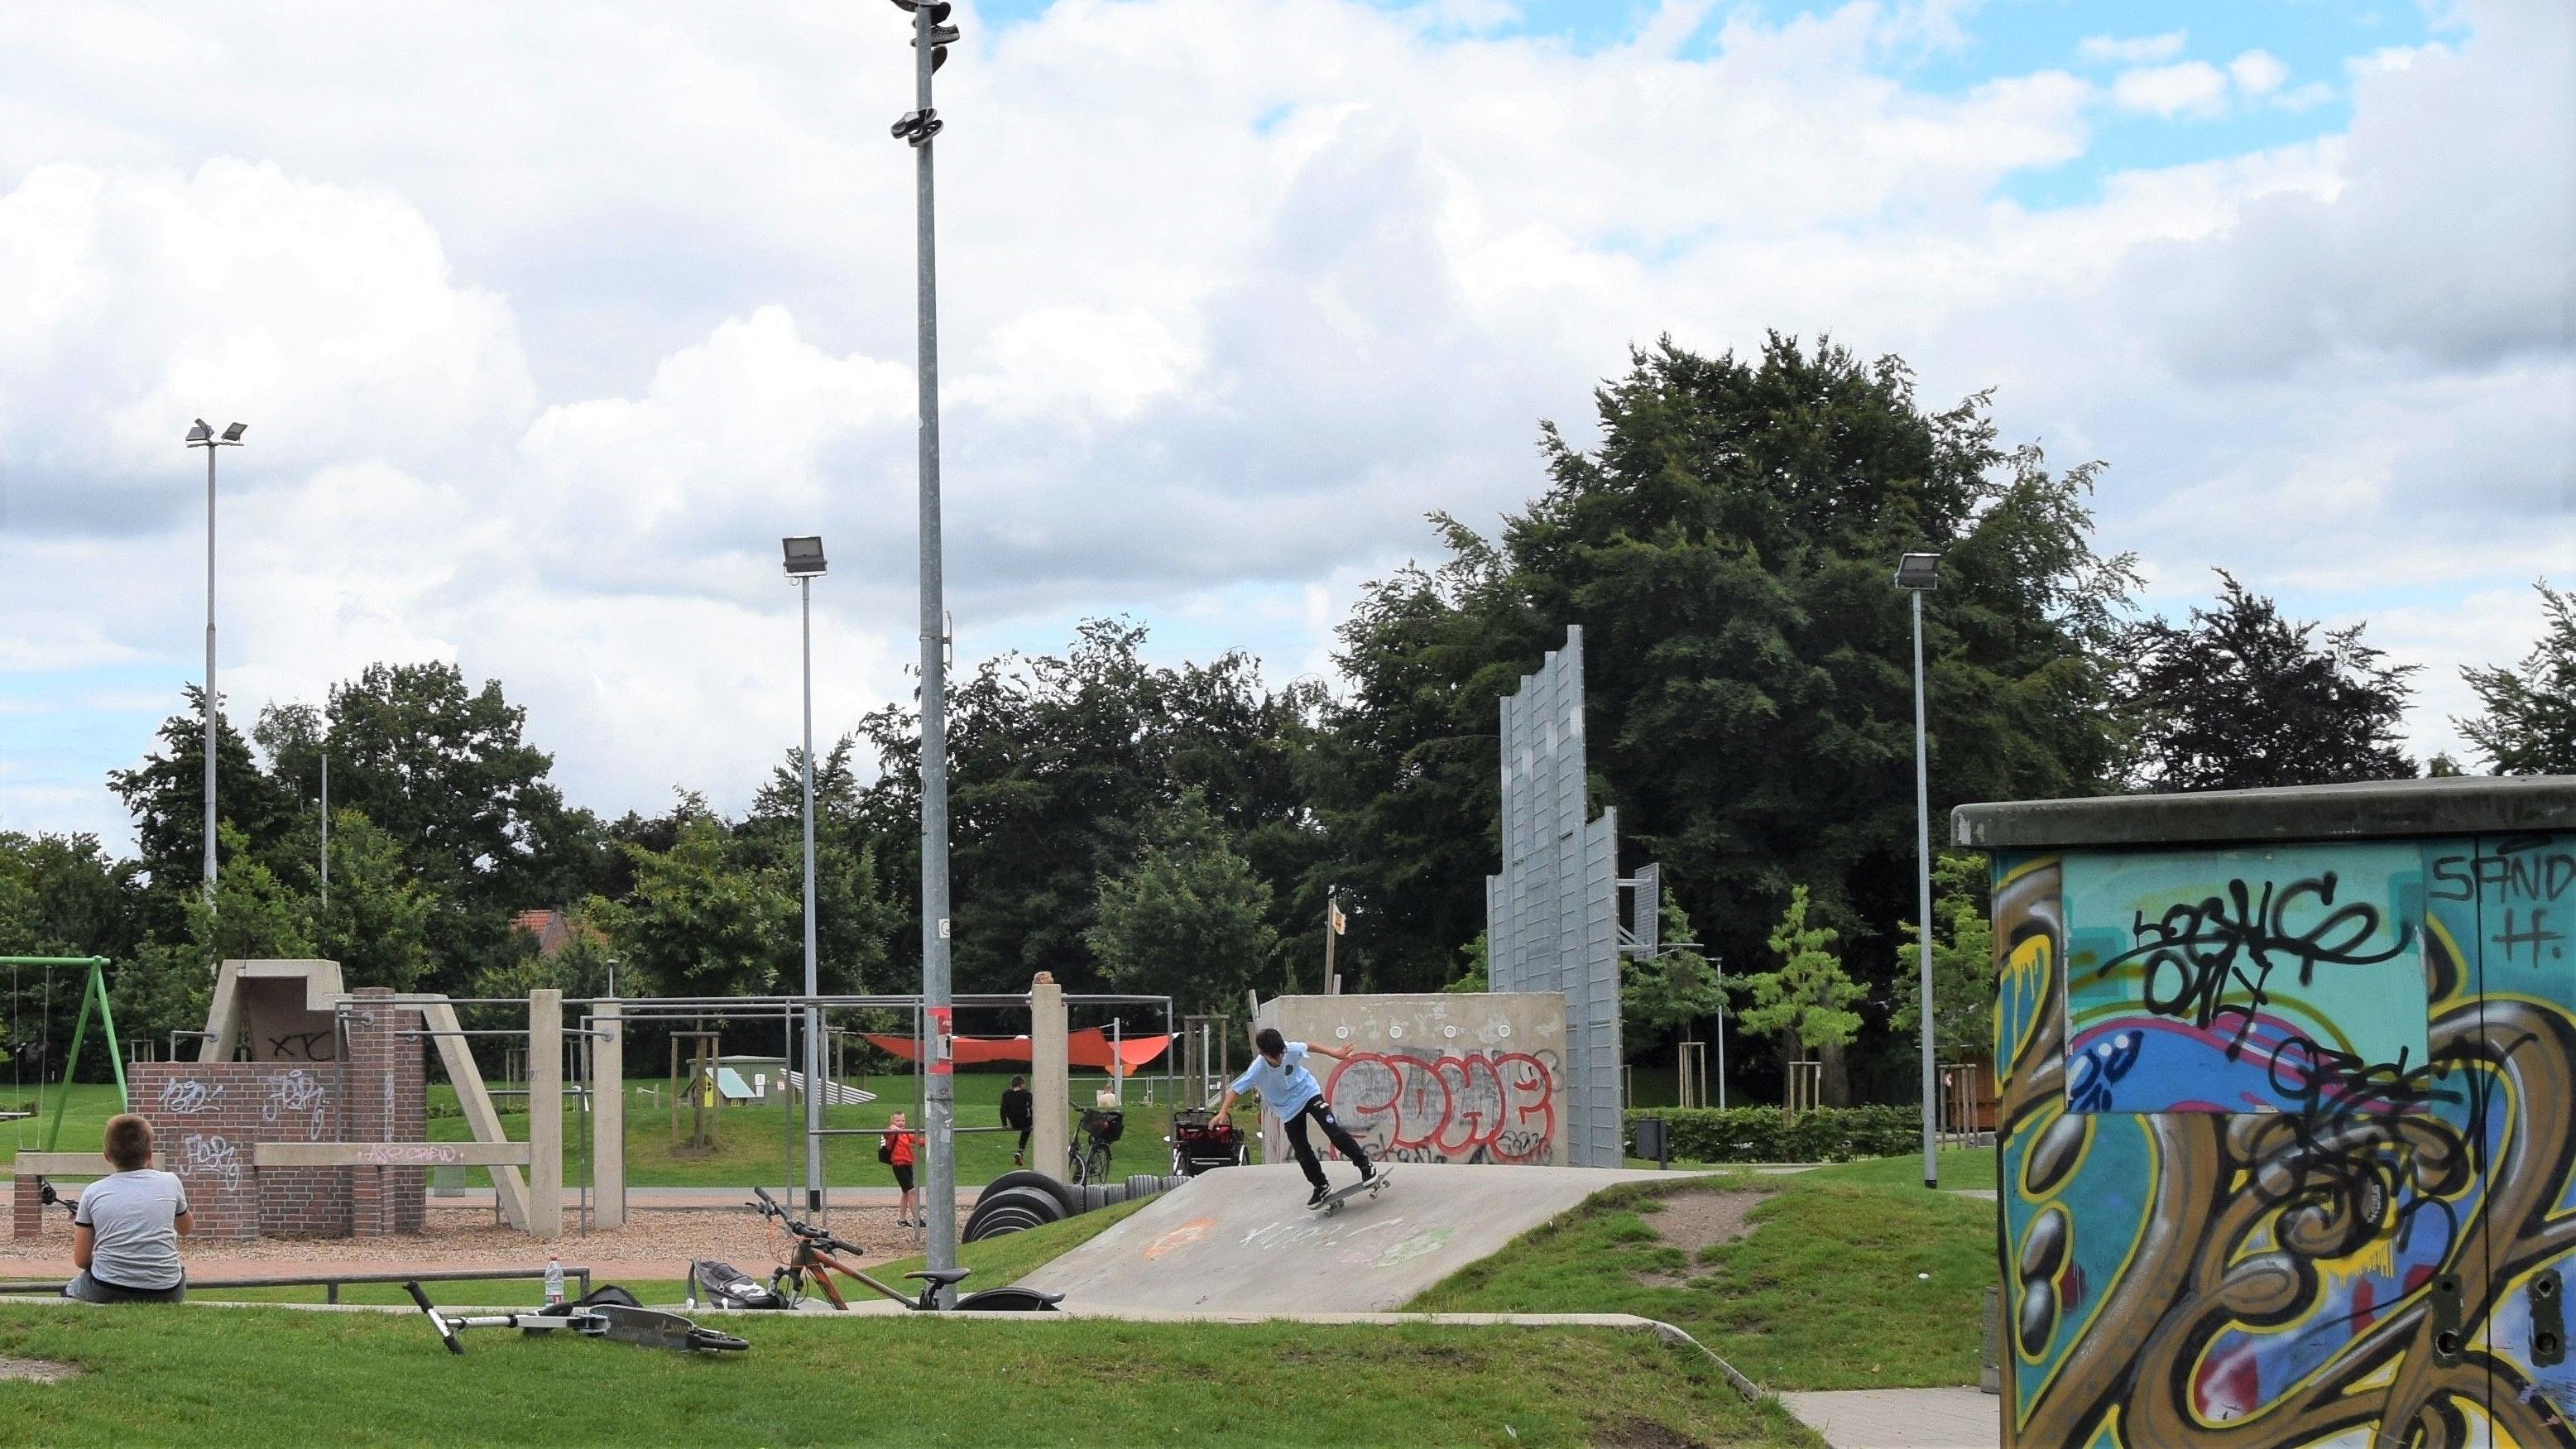 """Eine Laterne als """"Schuhbaum"""": Das Ritual der Skater soll Glück bringen, die Jugendlichen im Mehrgenerationenpark wünschen sich aber einen echten Baum. Foto: Hahn"""